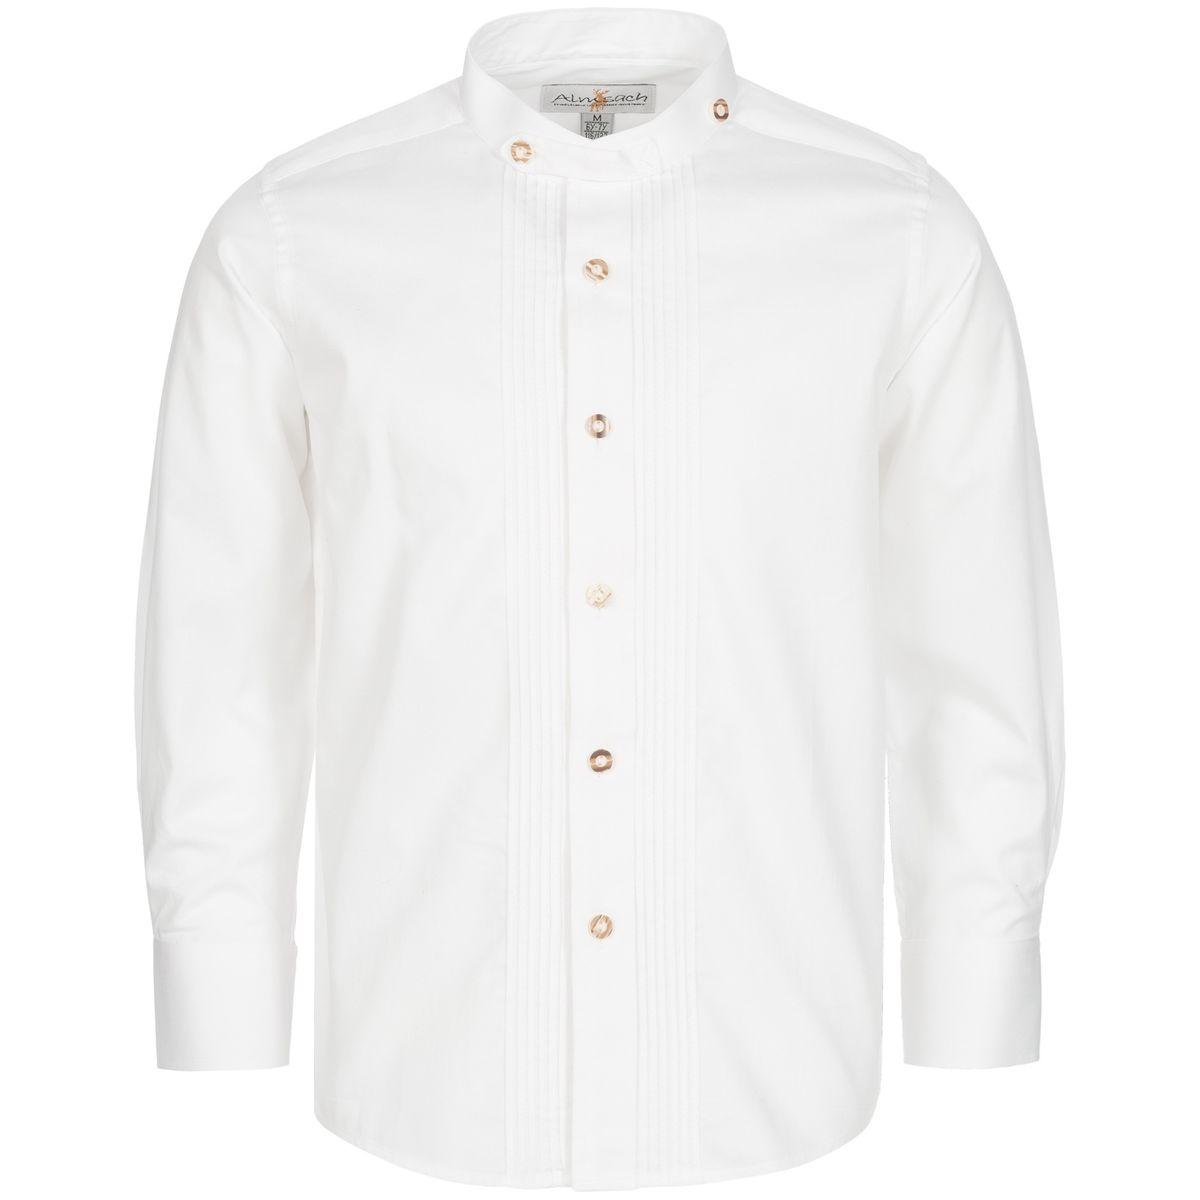 Trachtenhemd für Kinder mit Stehkragen in Weiß von Almsach günstig online kaufen